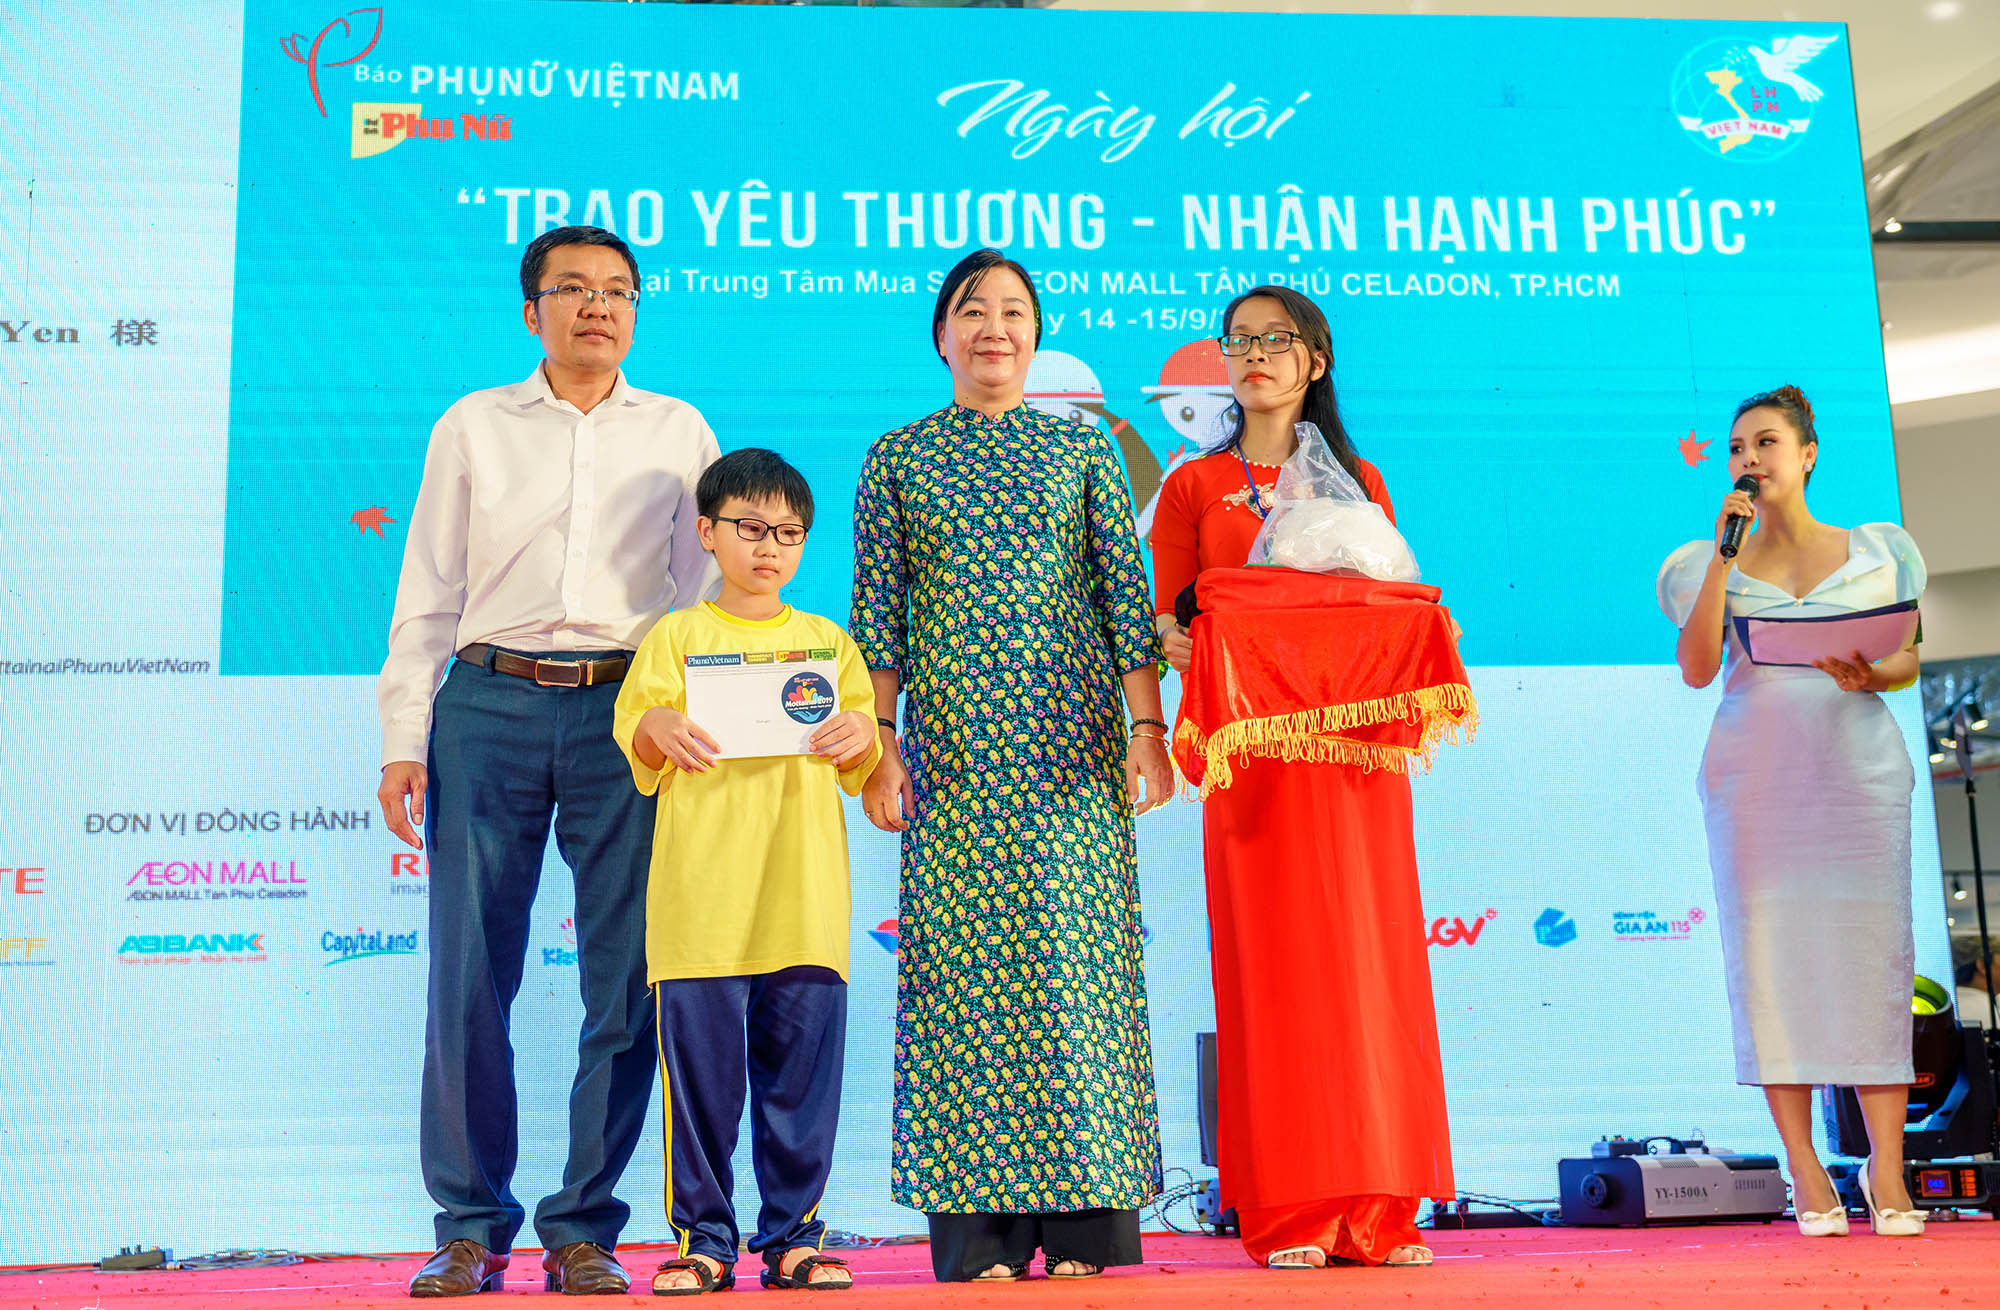 Chương trình Mottainai 2019 hỗ trợ 70 em nhỏ bị ảnh hưởng bởi TNGT và hơn 250 trẻ mồ côi - Ảnh 1.